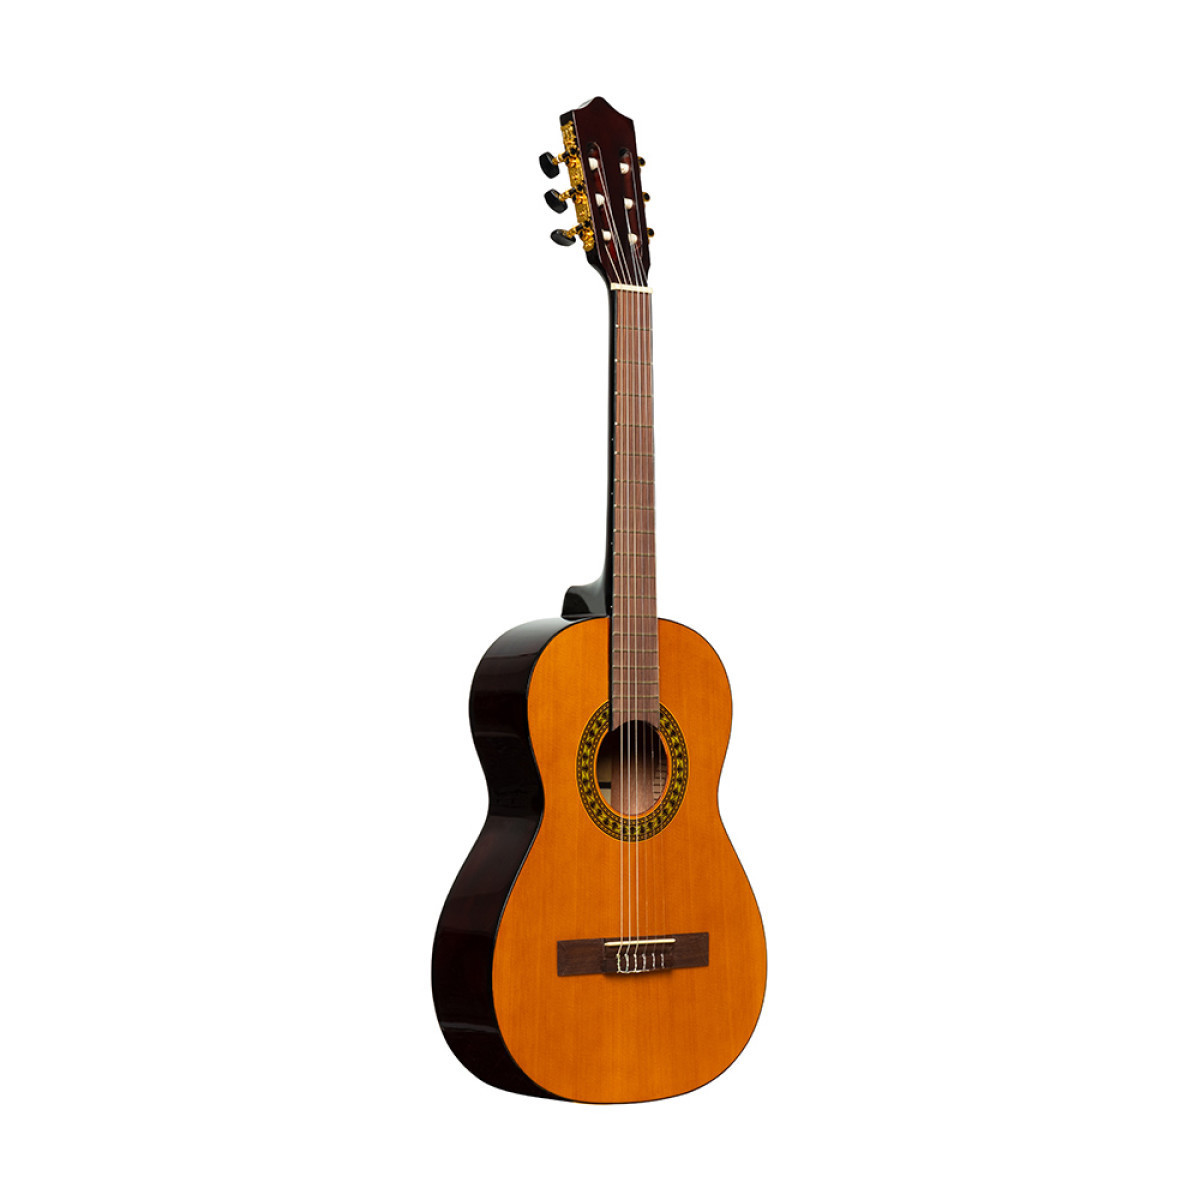 Guitare classique 3/4 Epicéa Nat